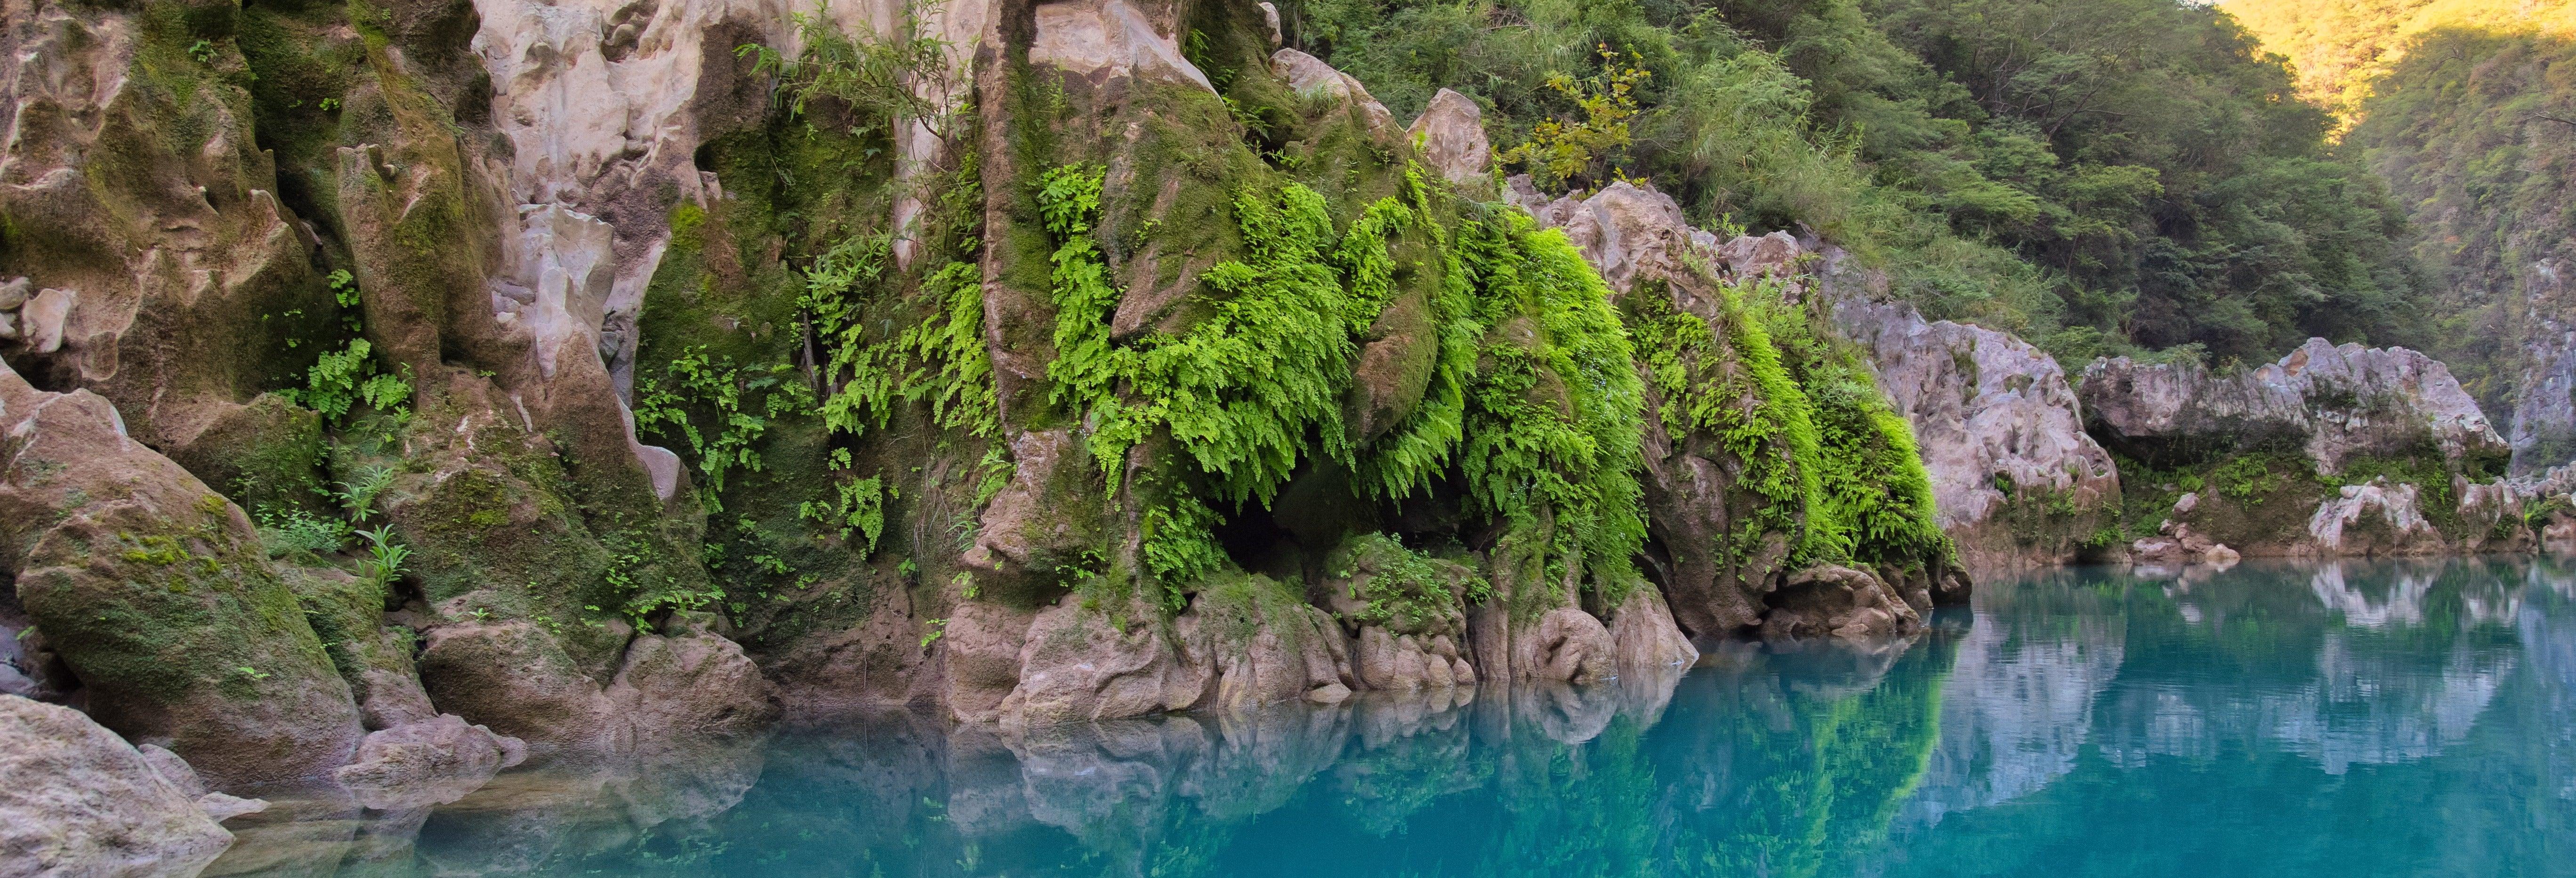 Salto de cascadas en el río Micos